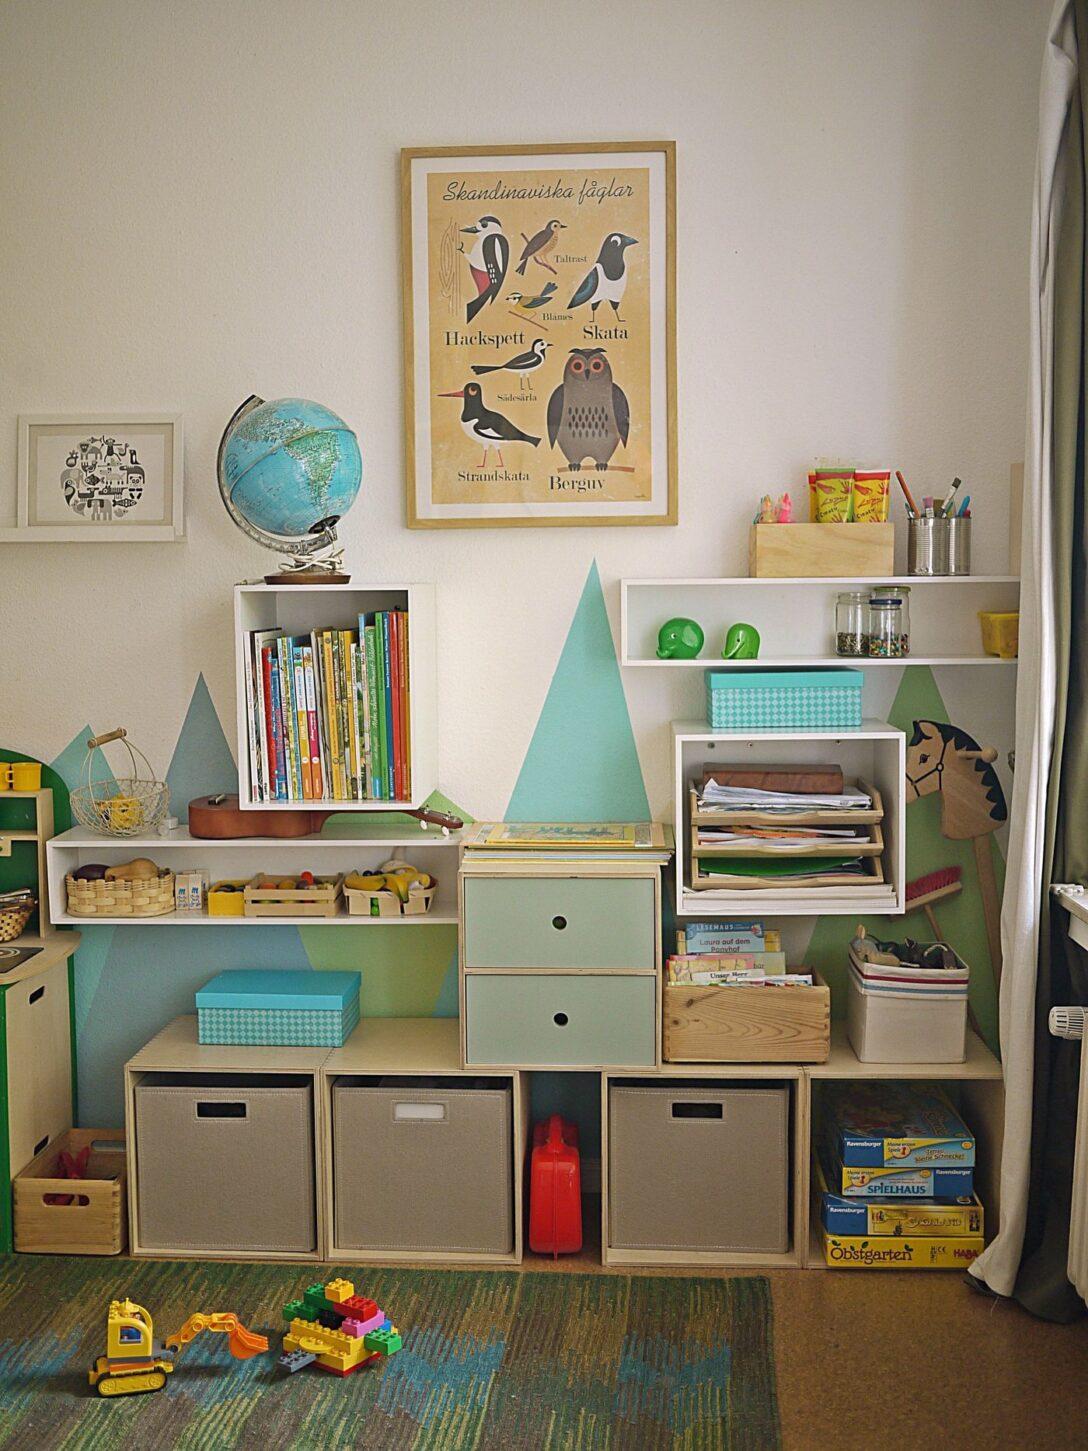 Large Size of Aufbewahrungsboxen Kinderzimmer Mint Holz Plastik Amazon Stapelbar Design Ikea Mit Deckel Aufbewahrungsbox Ebay Regal Weiß Regale Sofa Kinderzimmer Aufbewahrungsboxen Kinderzimmer